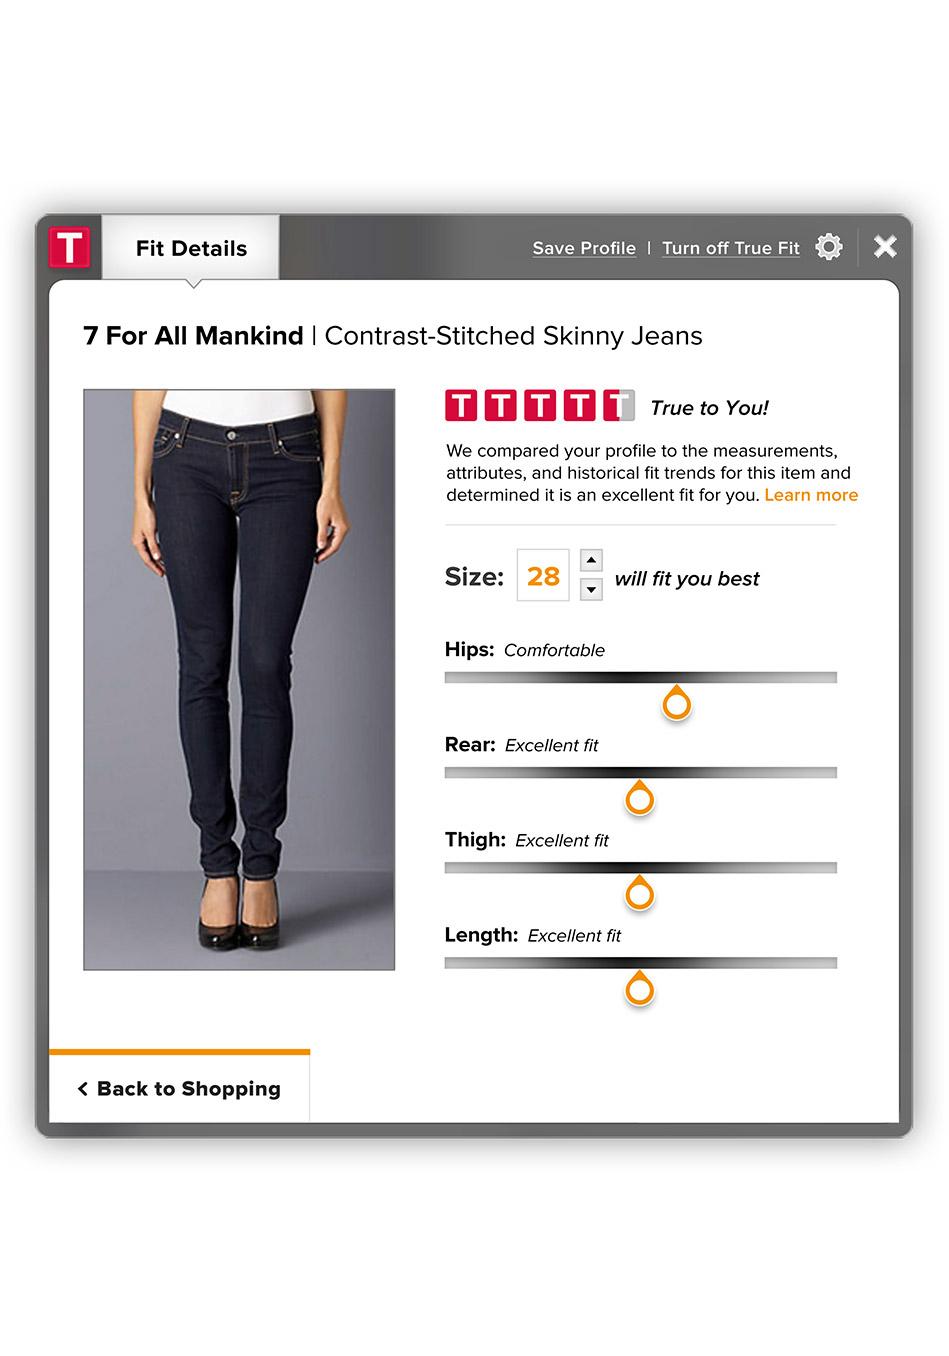 приложение для сайтов, позволяющее выбрать джинсы по фигуре